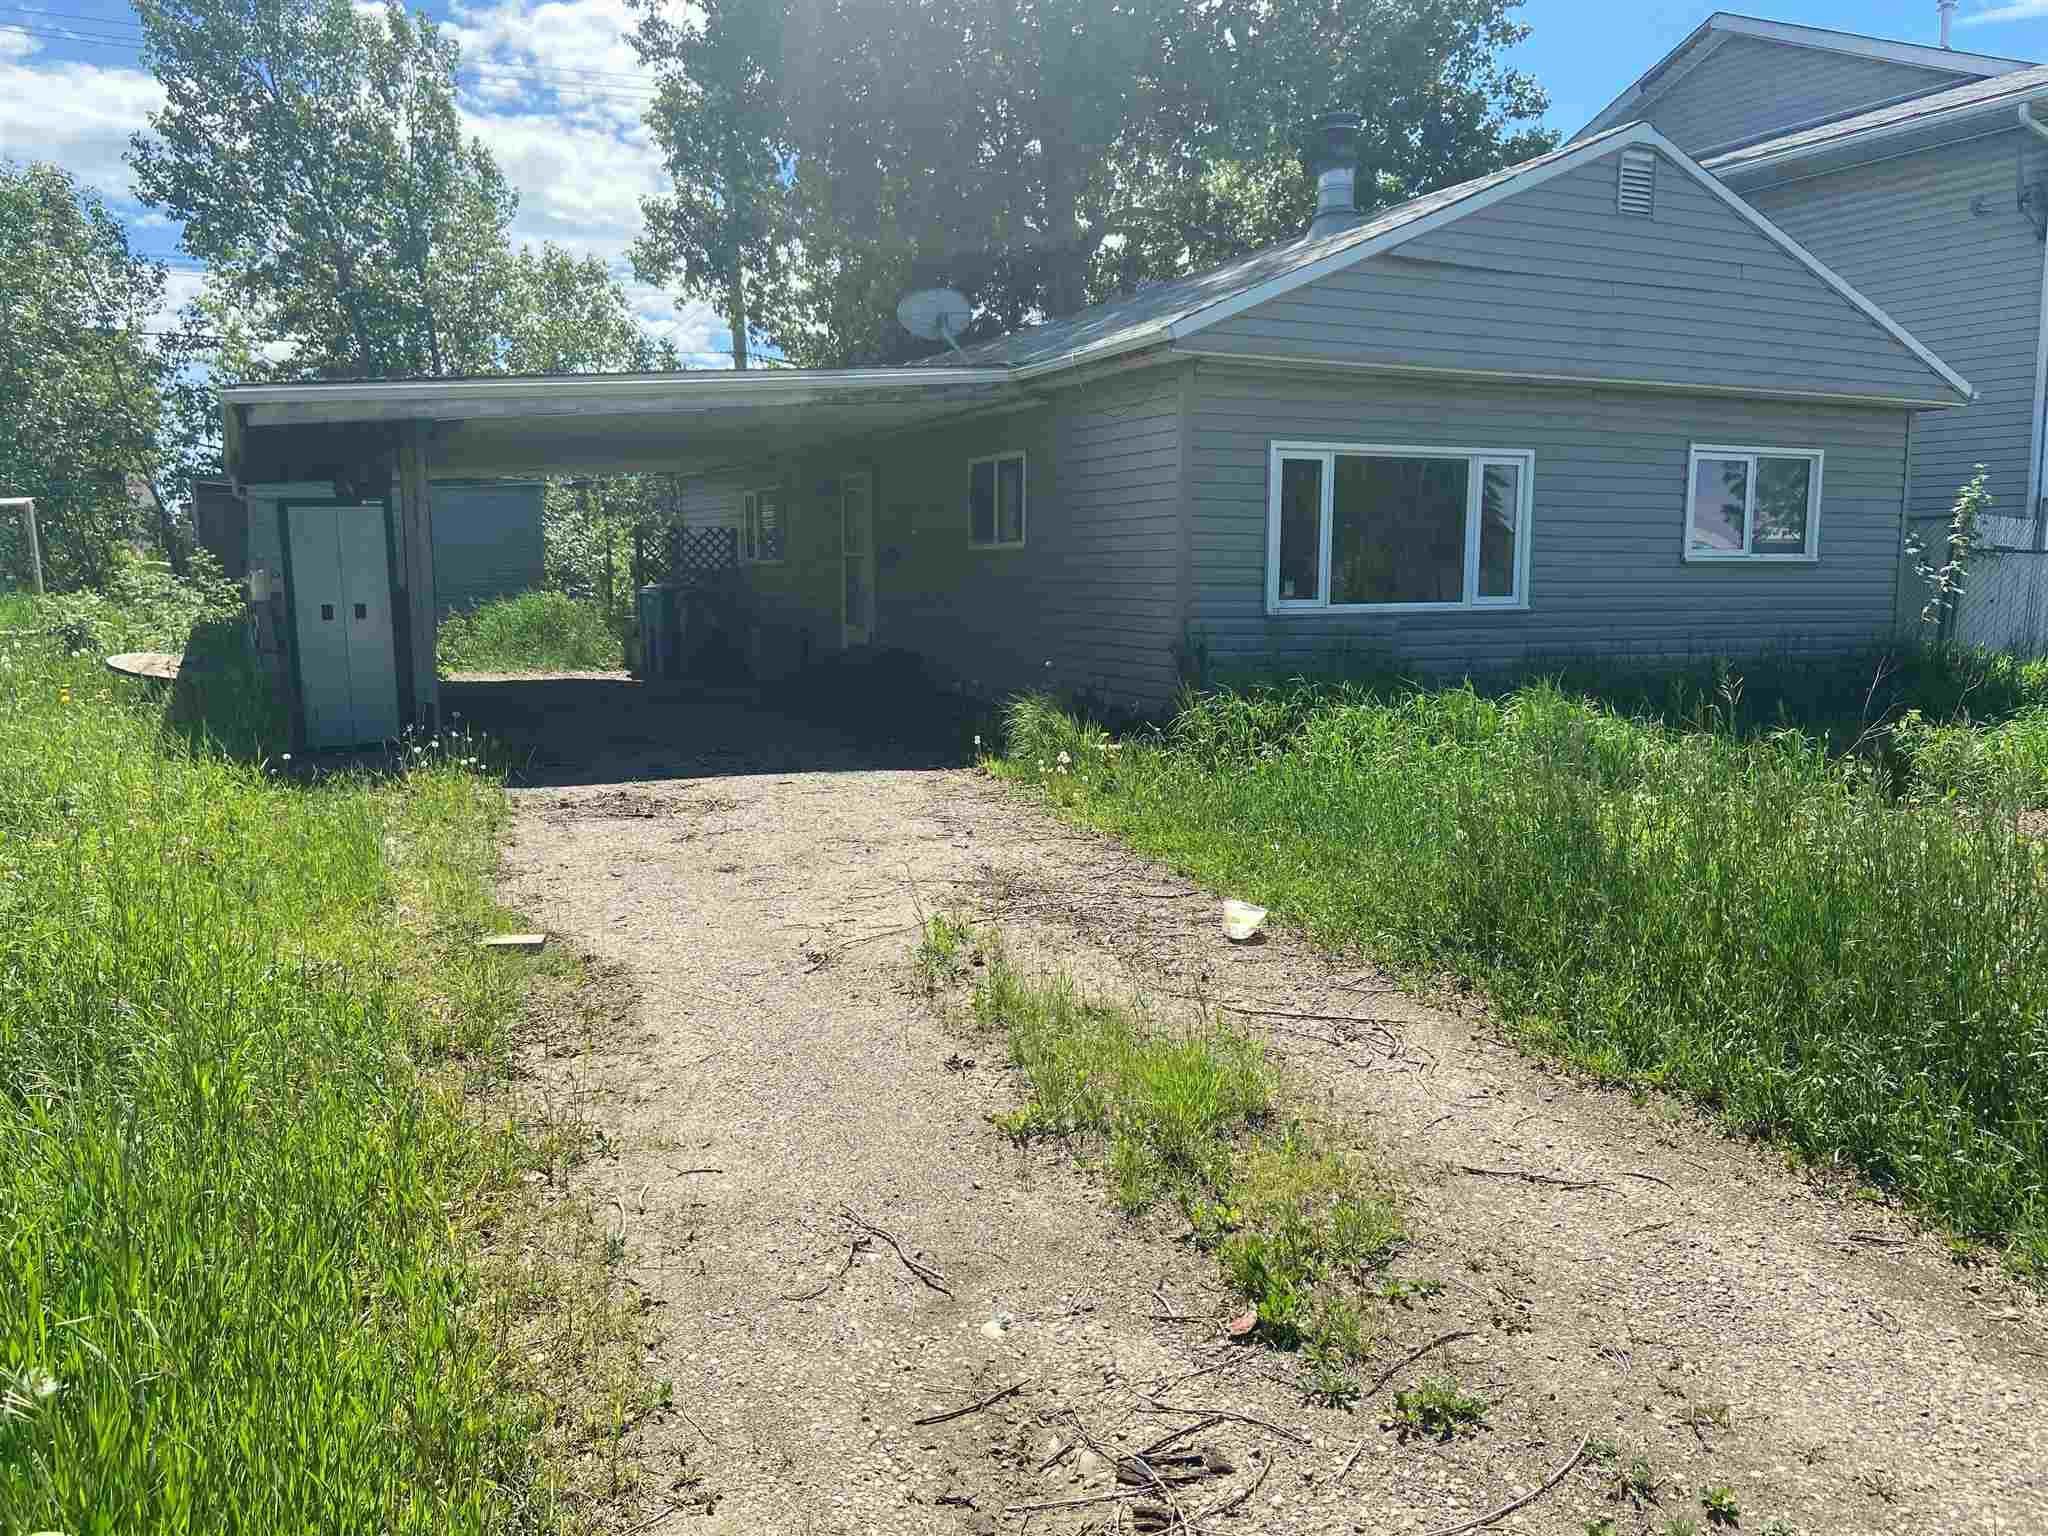 Main Photo: 11115 101 Avenue in Fort St. John: Fort St. John - City NW House for sale (Fort St. John (Zone 60))  : MLS®# R2534837